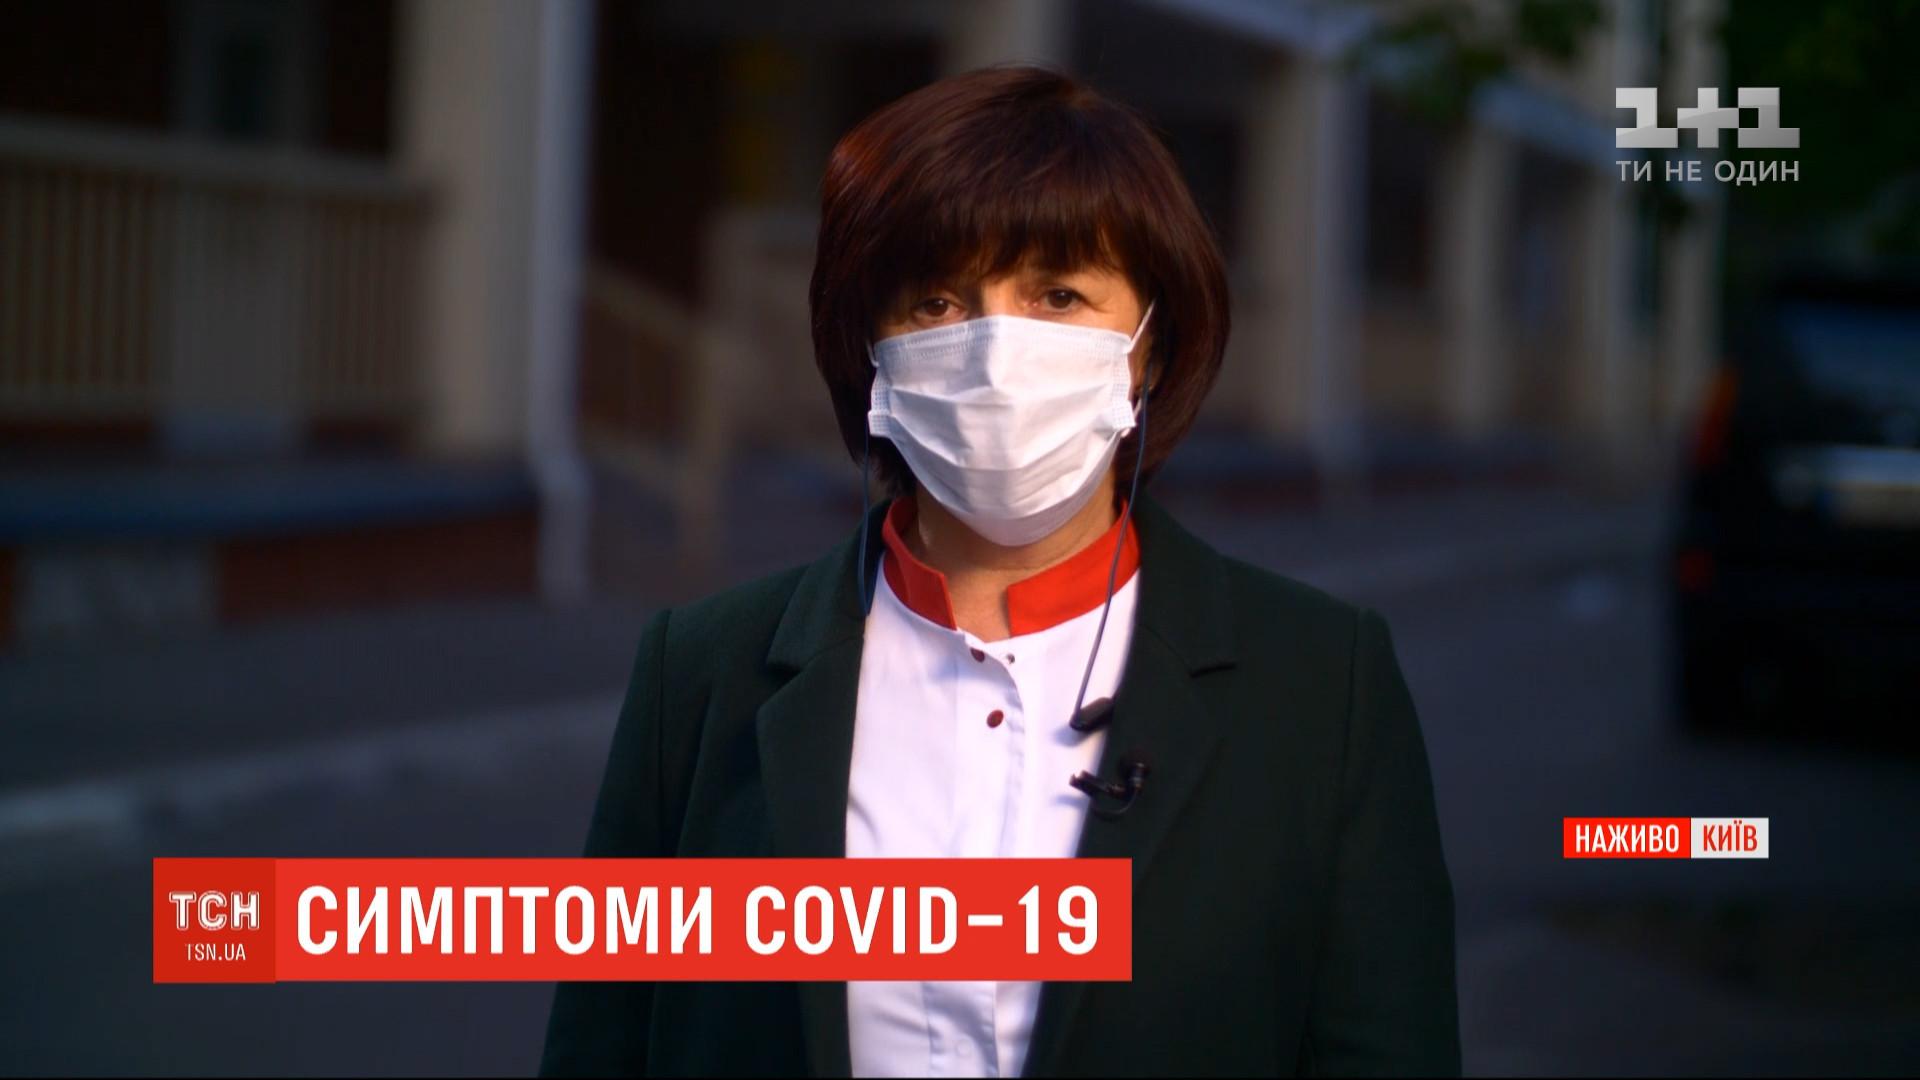 Людмила Минова/ скриншот из видео